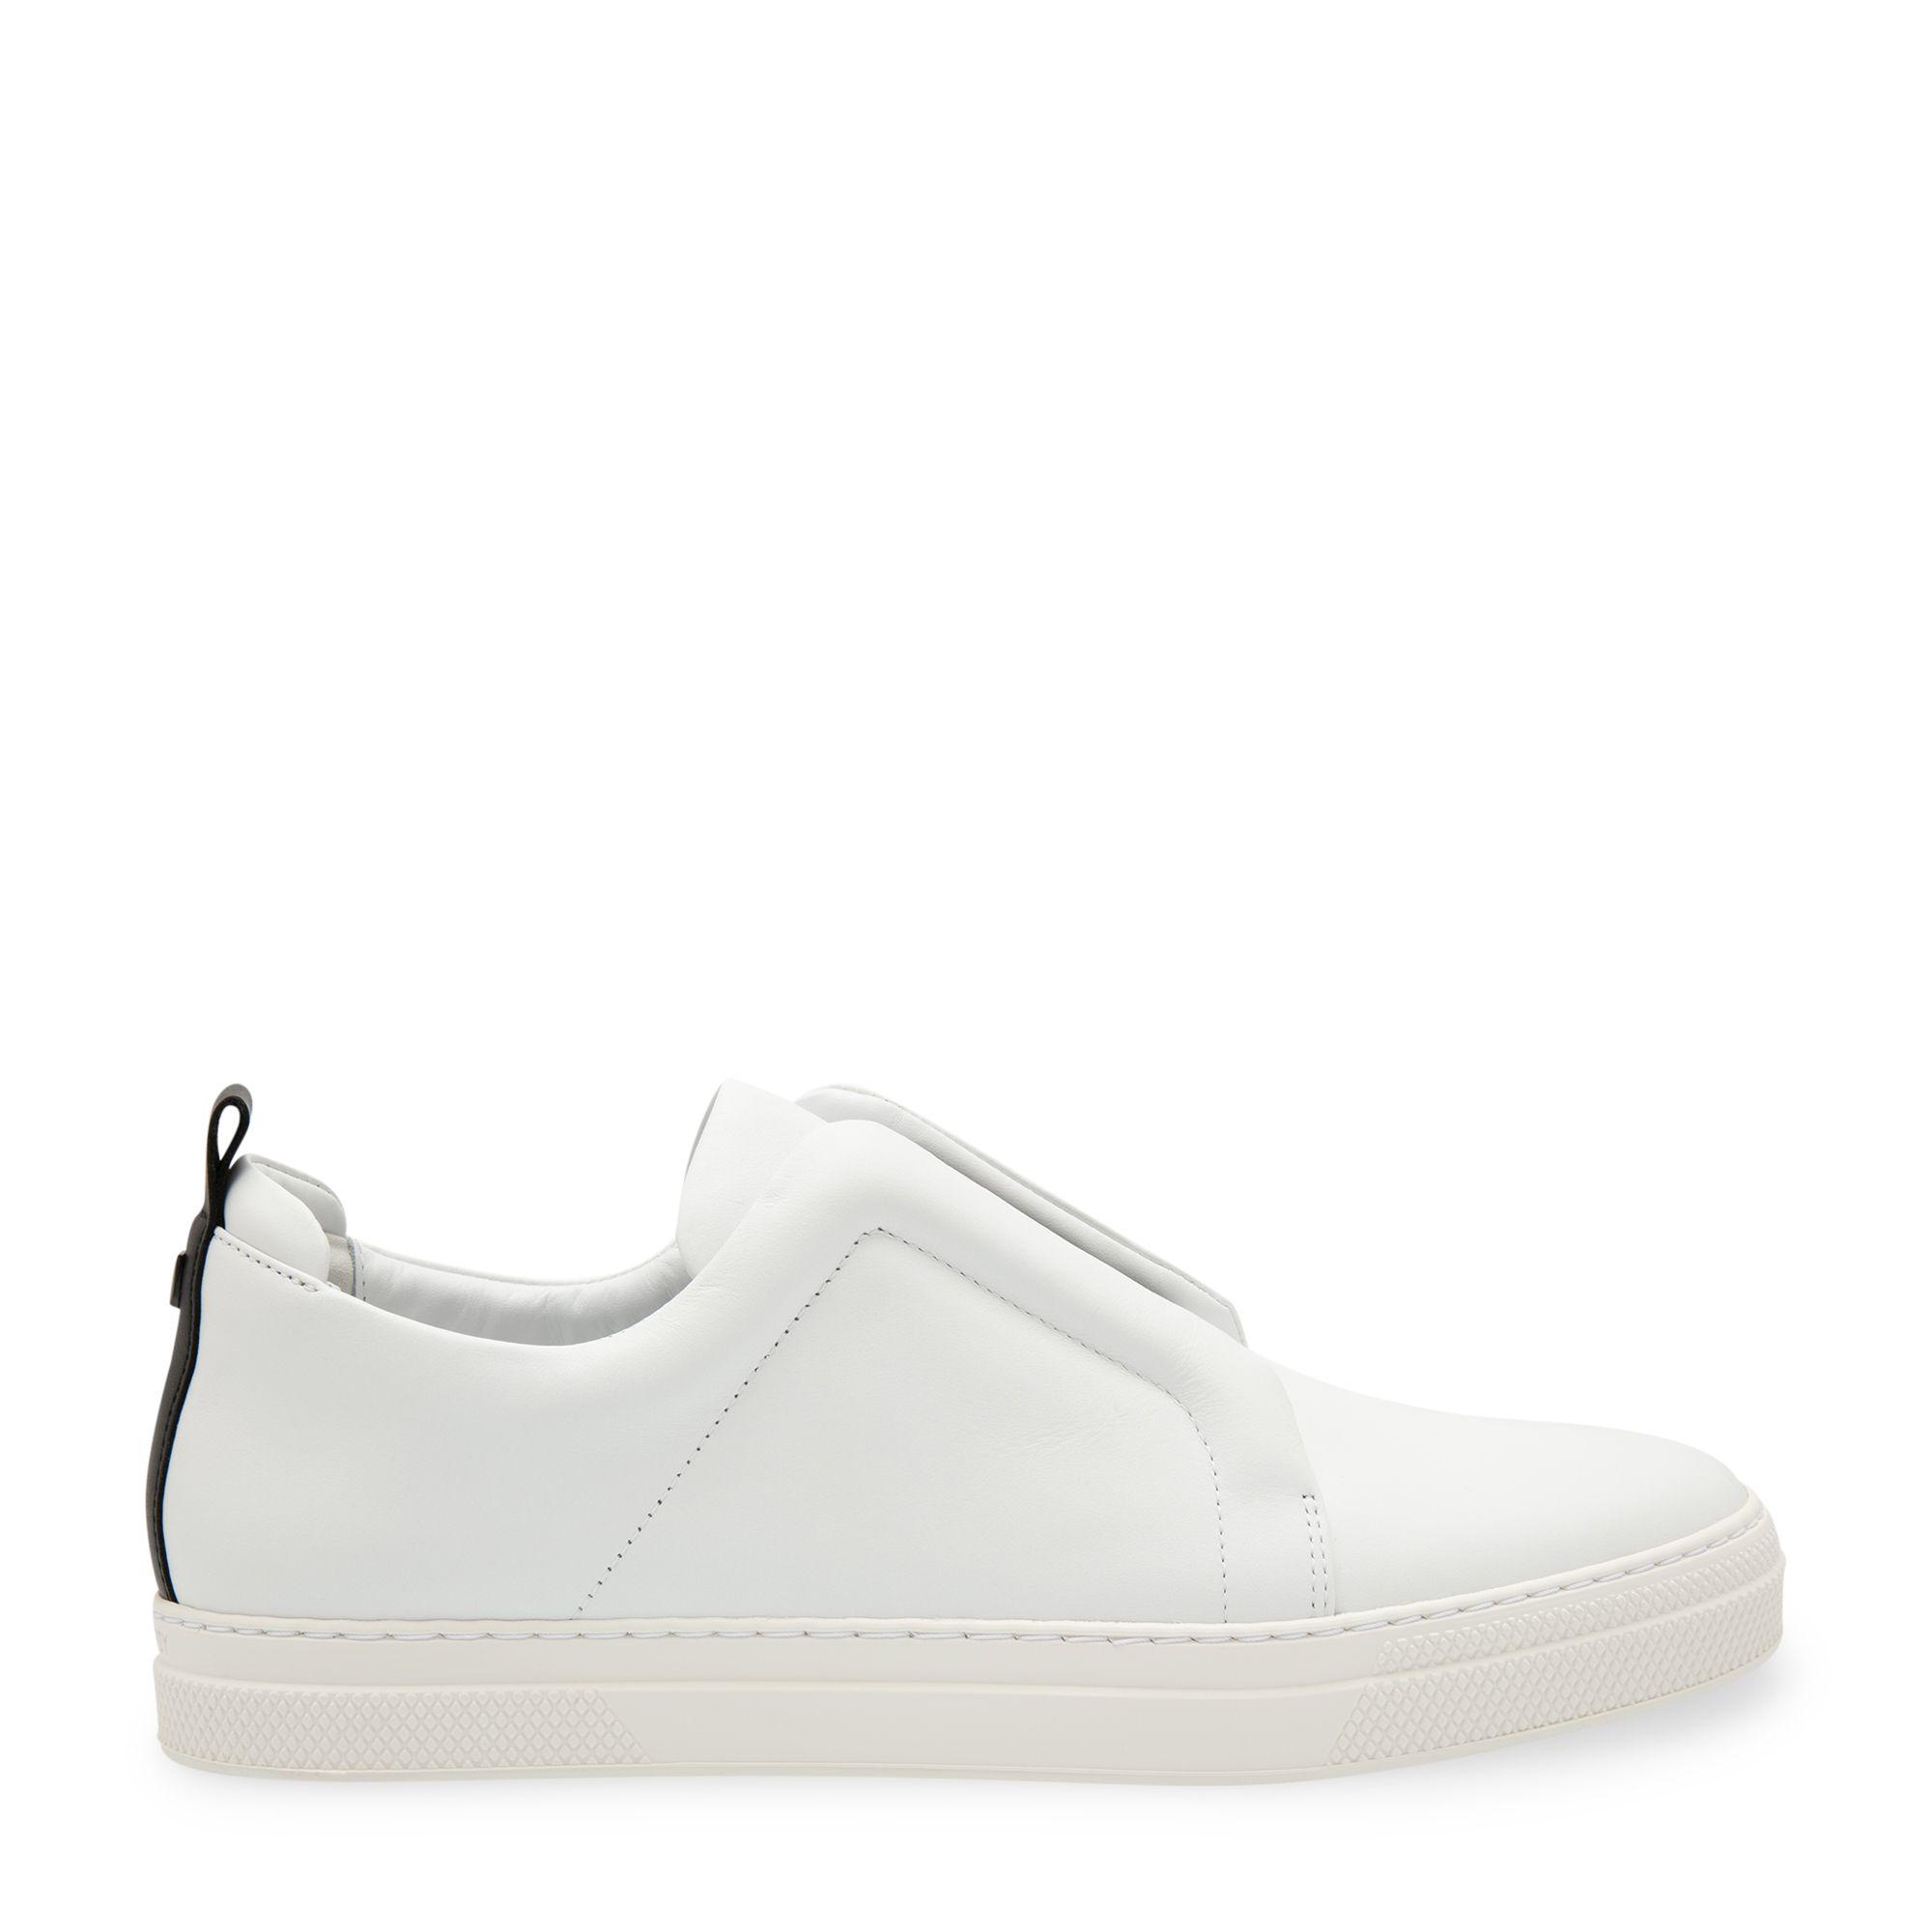 Slider sneakers